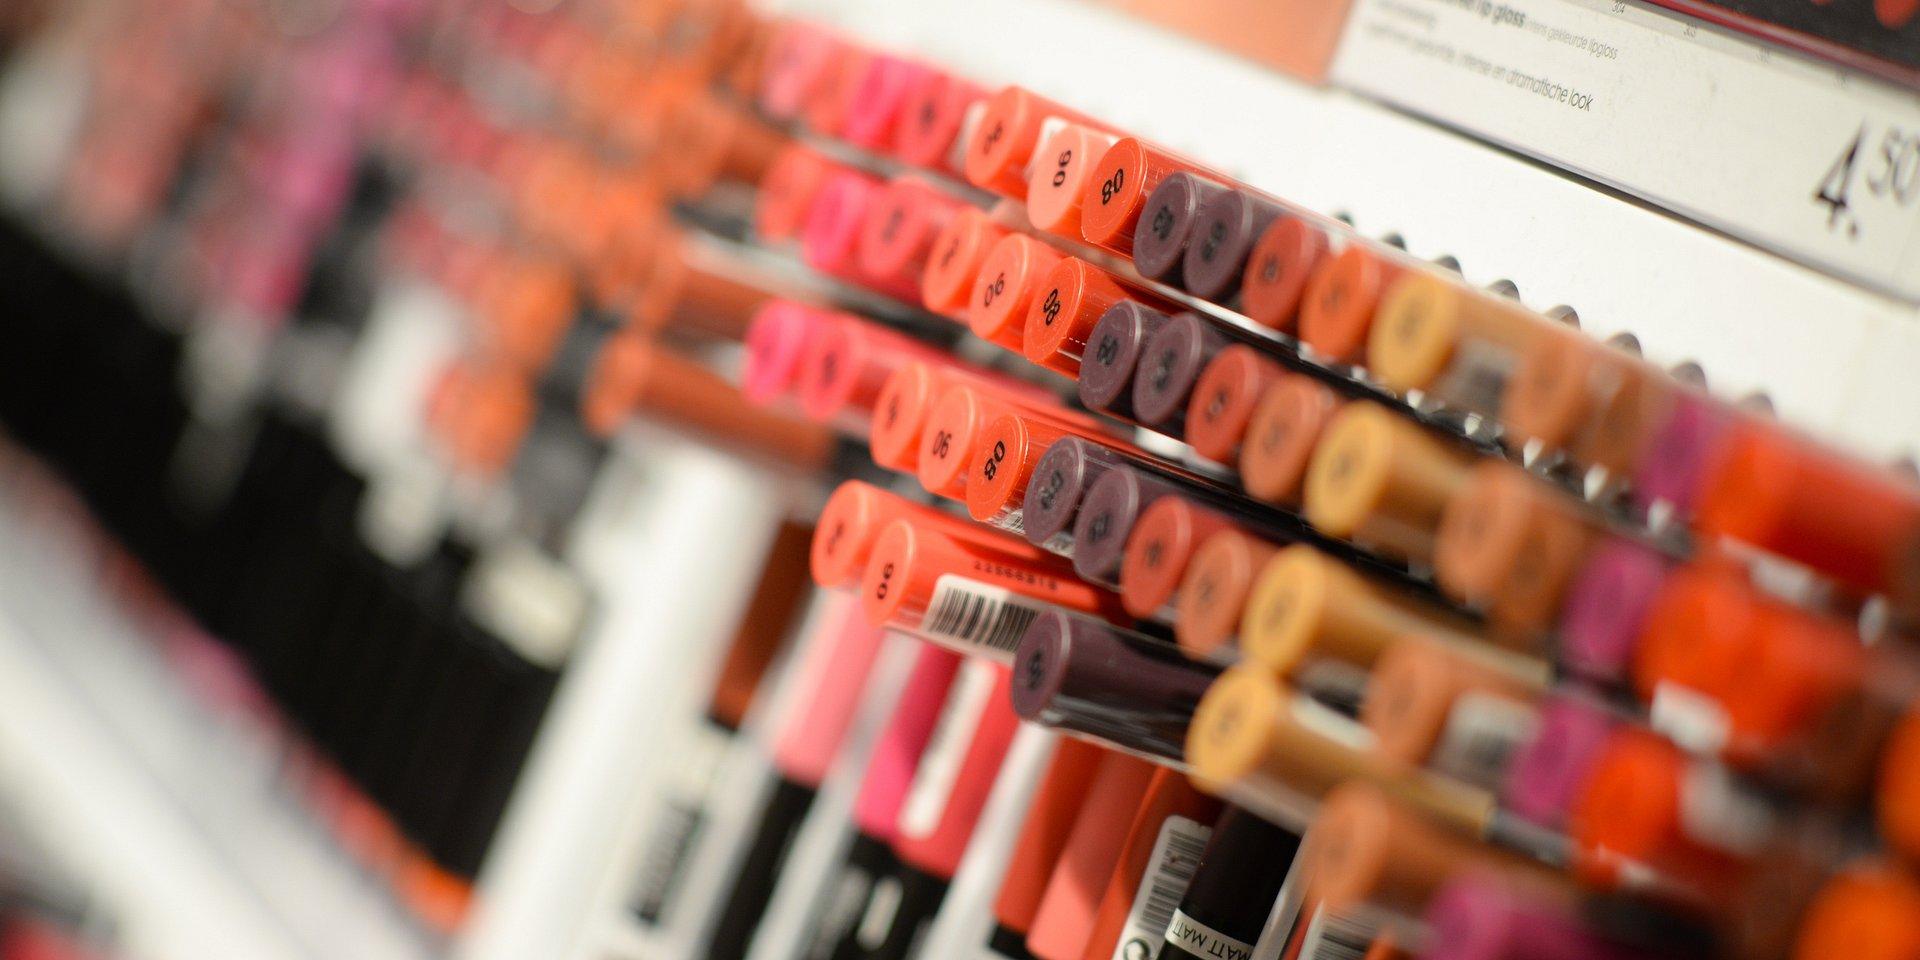 Kosmetyki z nowymi opakowaniami już w sklepach. To efekt nowego prawa